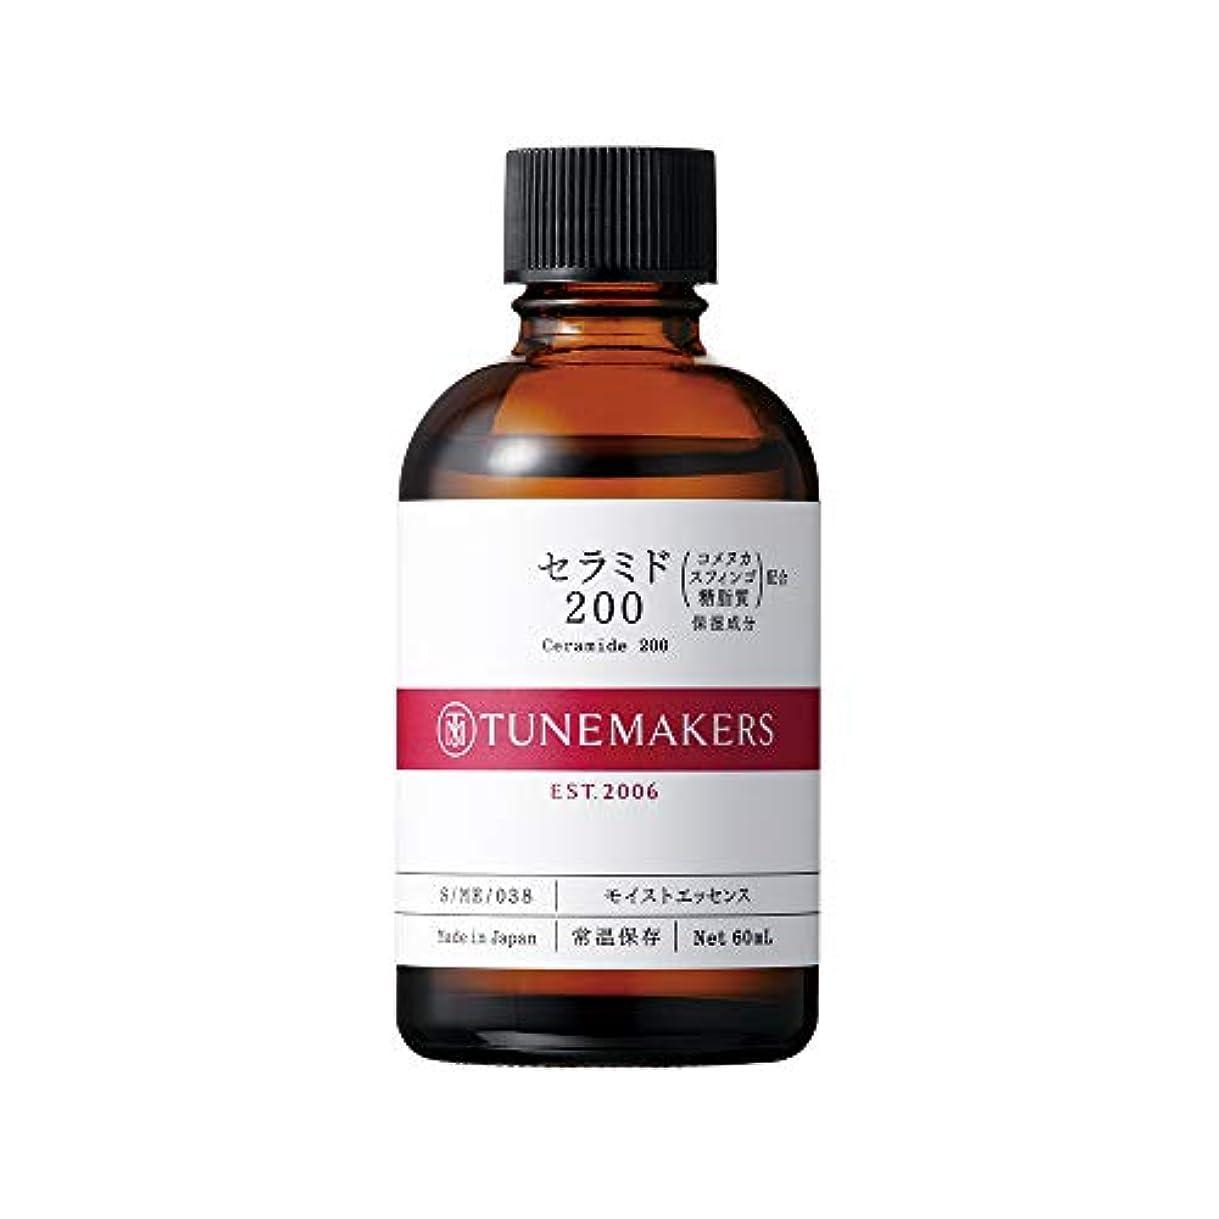 品種ルーフで出来ているTUNEMAKERS(チューンメーカーズ) セラミド200 美容液 60ml